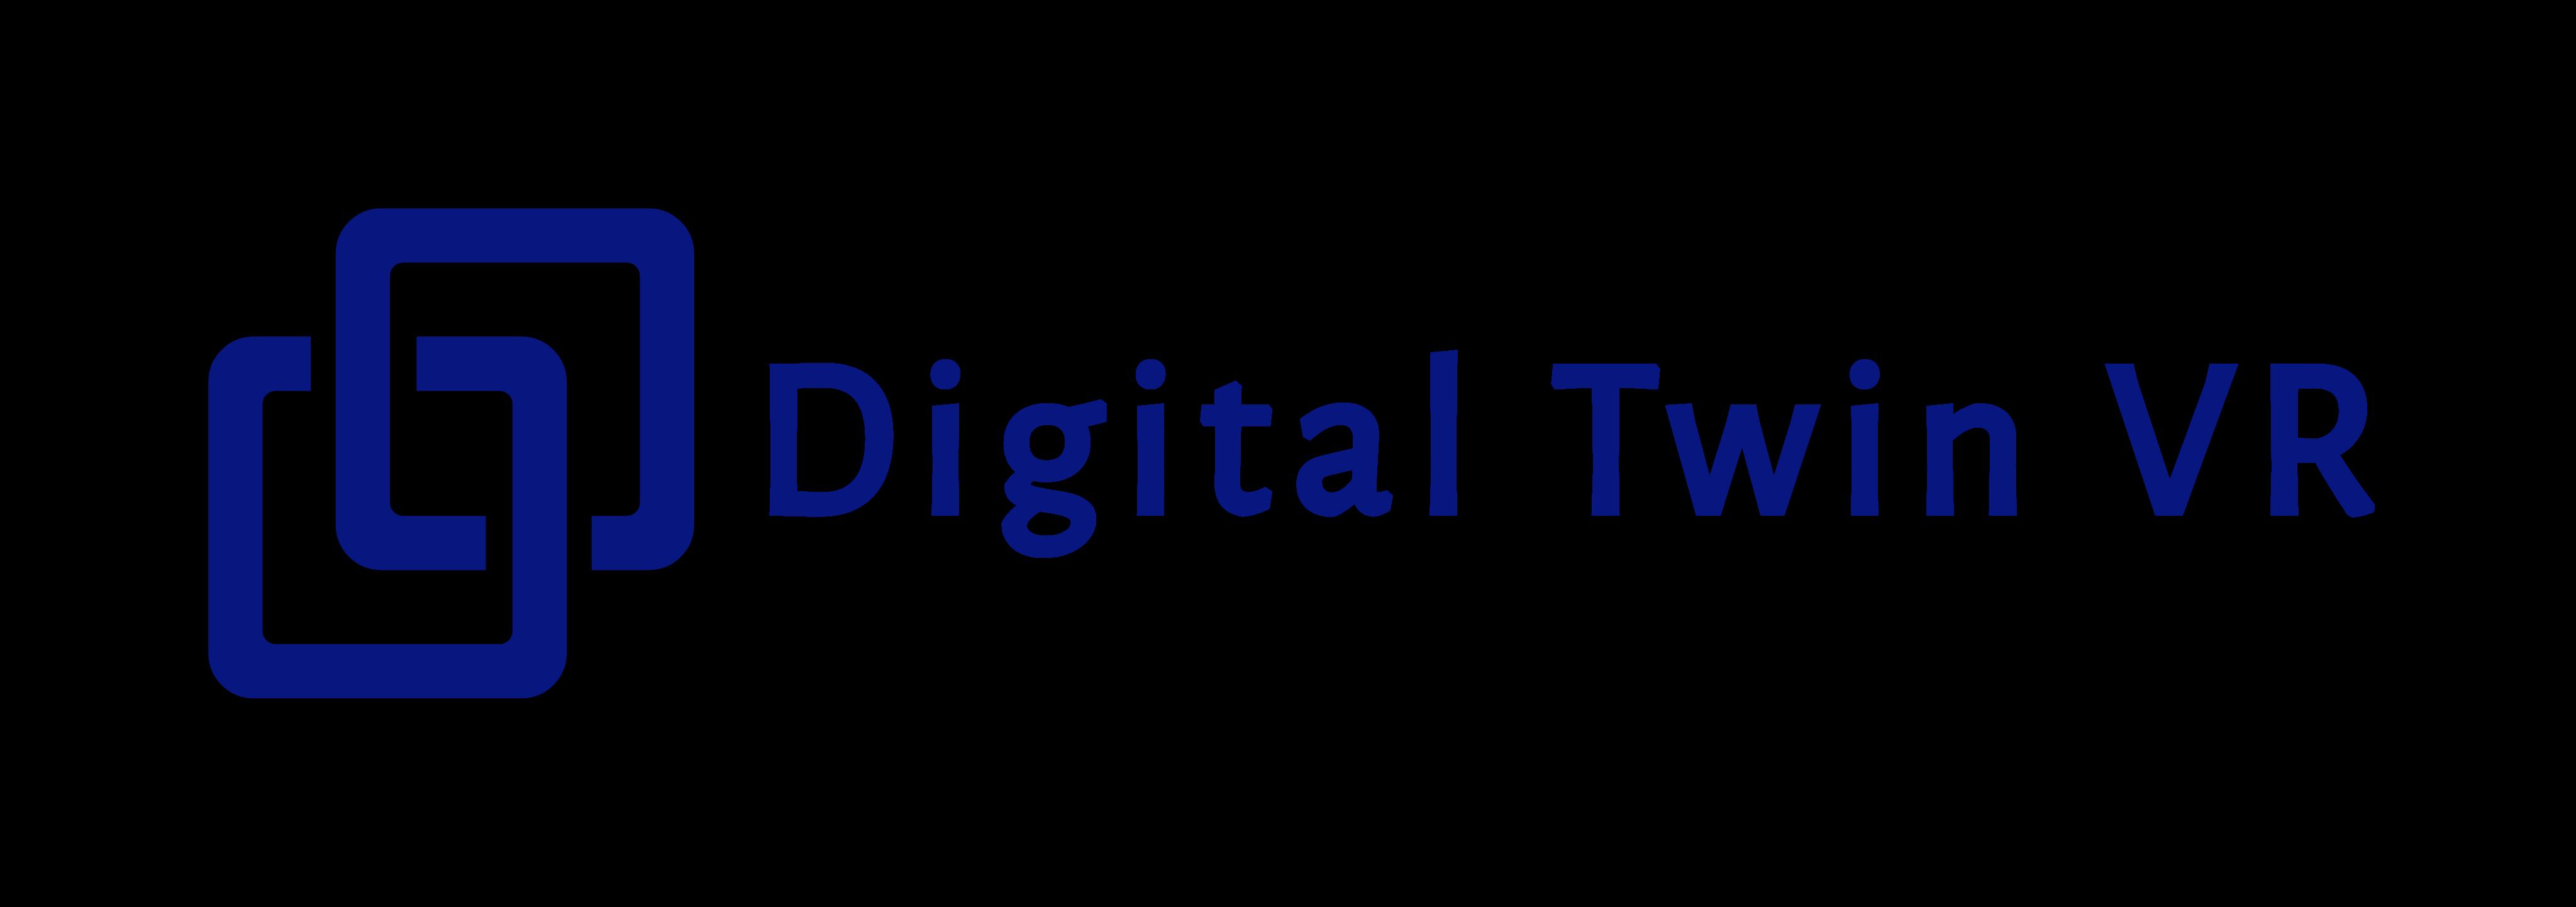 Digital Twin VR (UK & Ireland) Ltd.